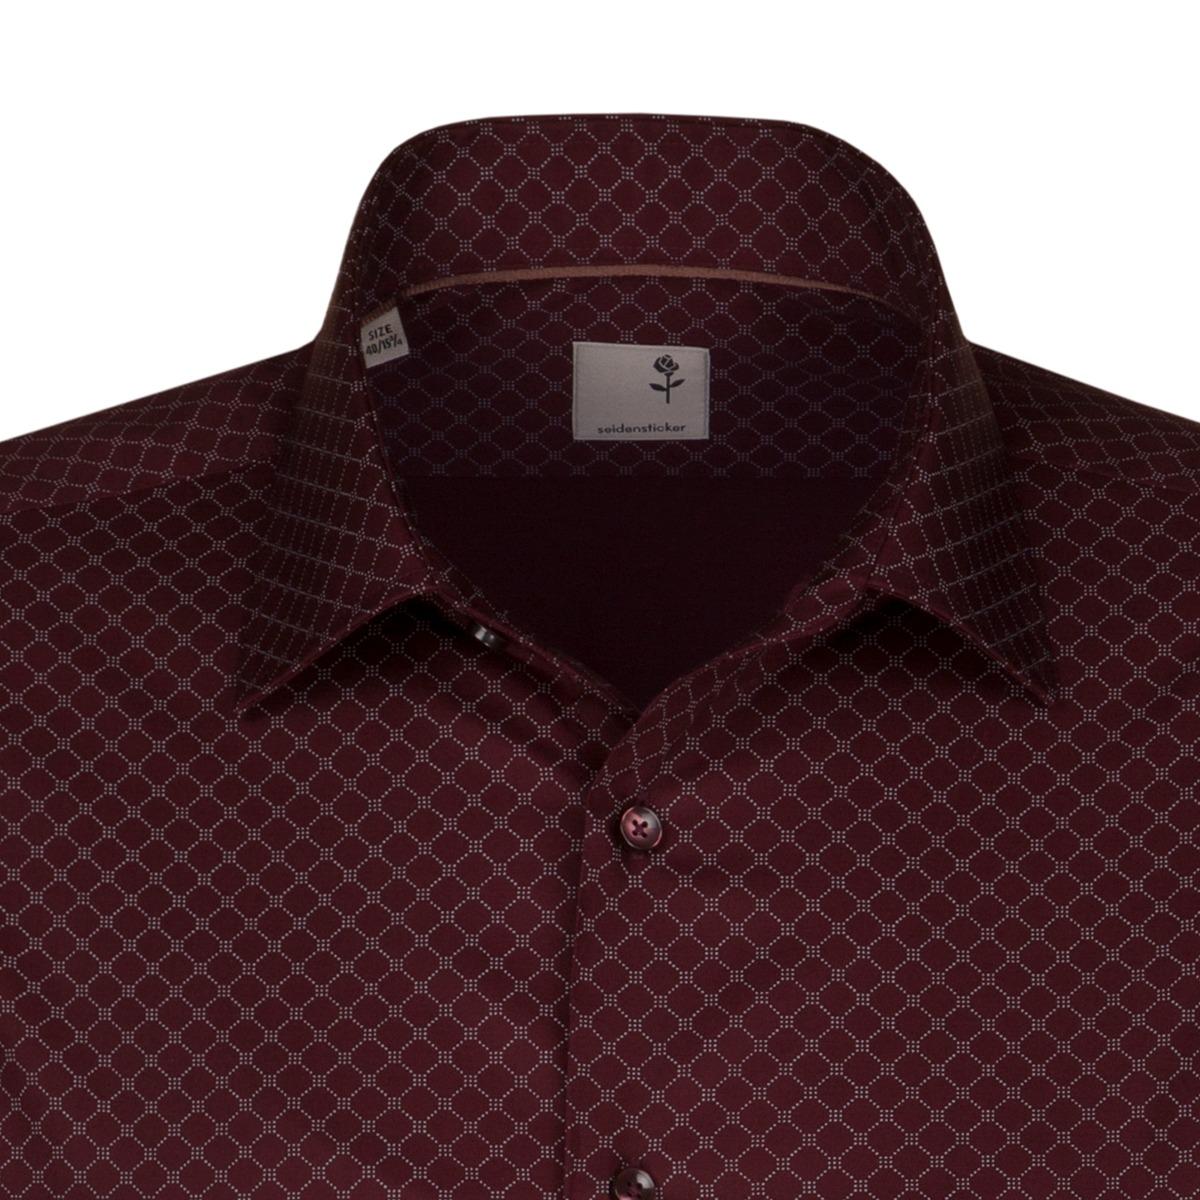 62ce8786461 ... Obrázek Vínová pánská košile SEIDENSTICKER řady Business